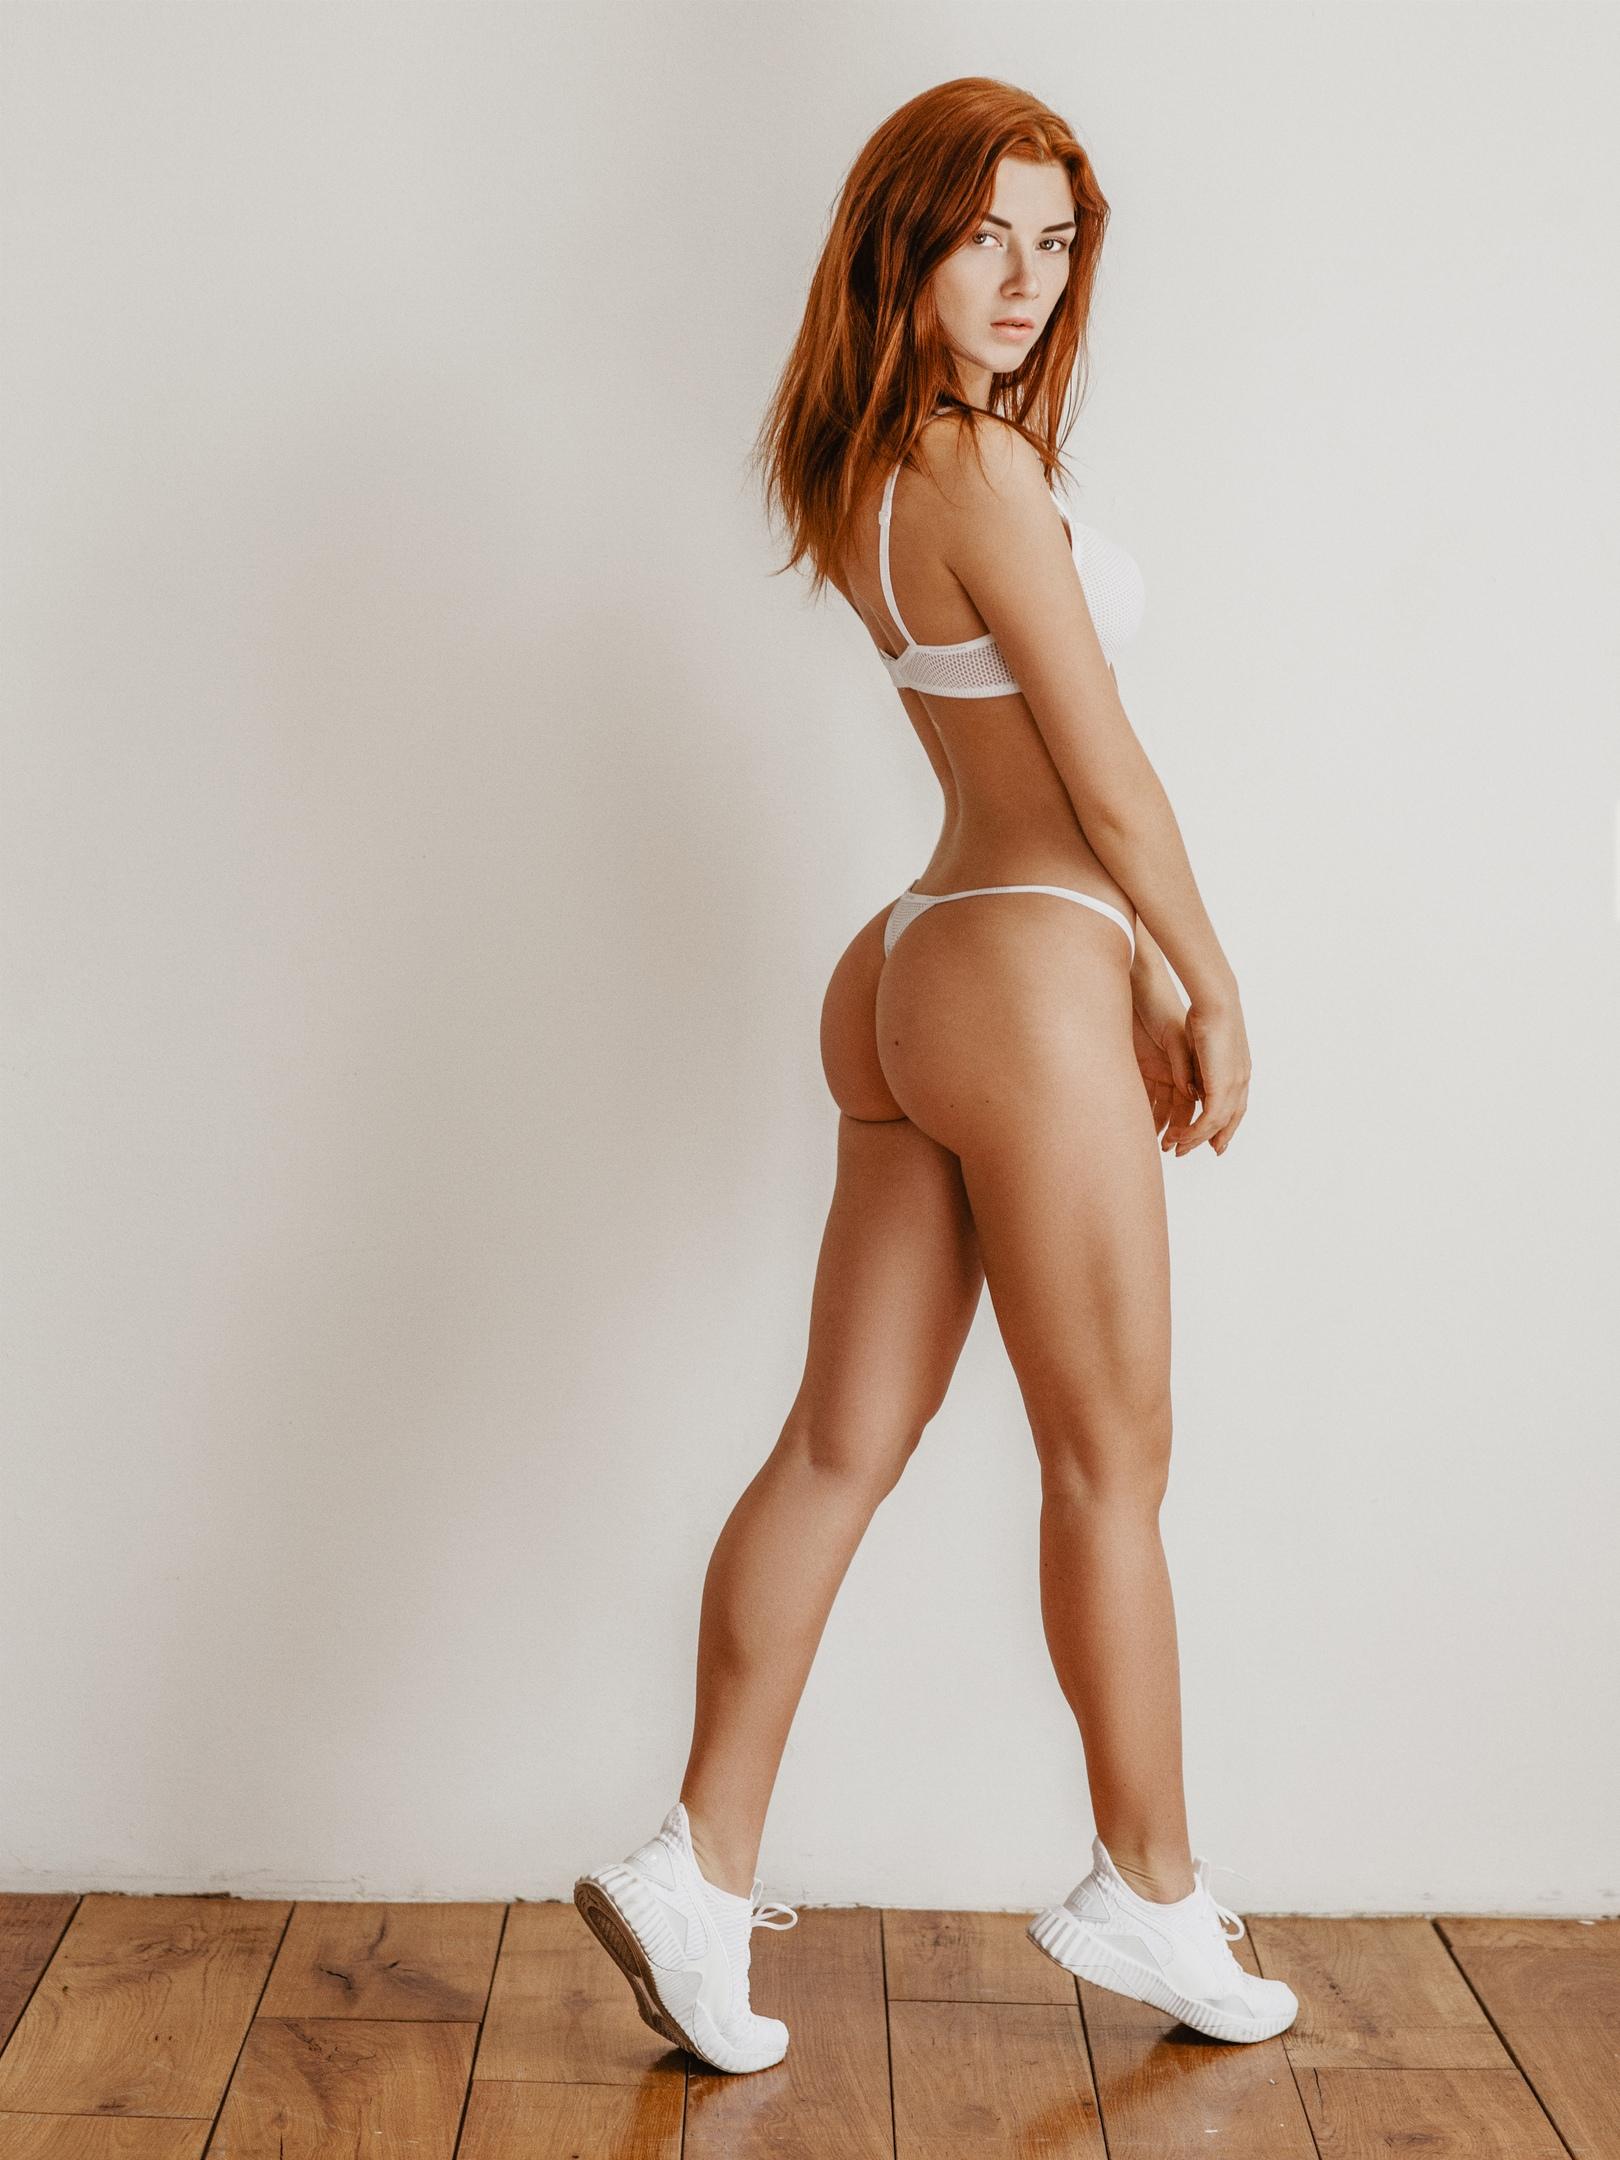 redhead hot ass